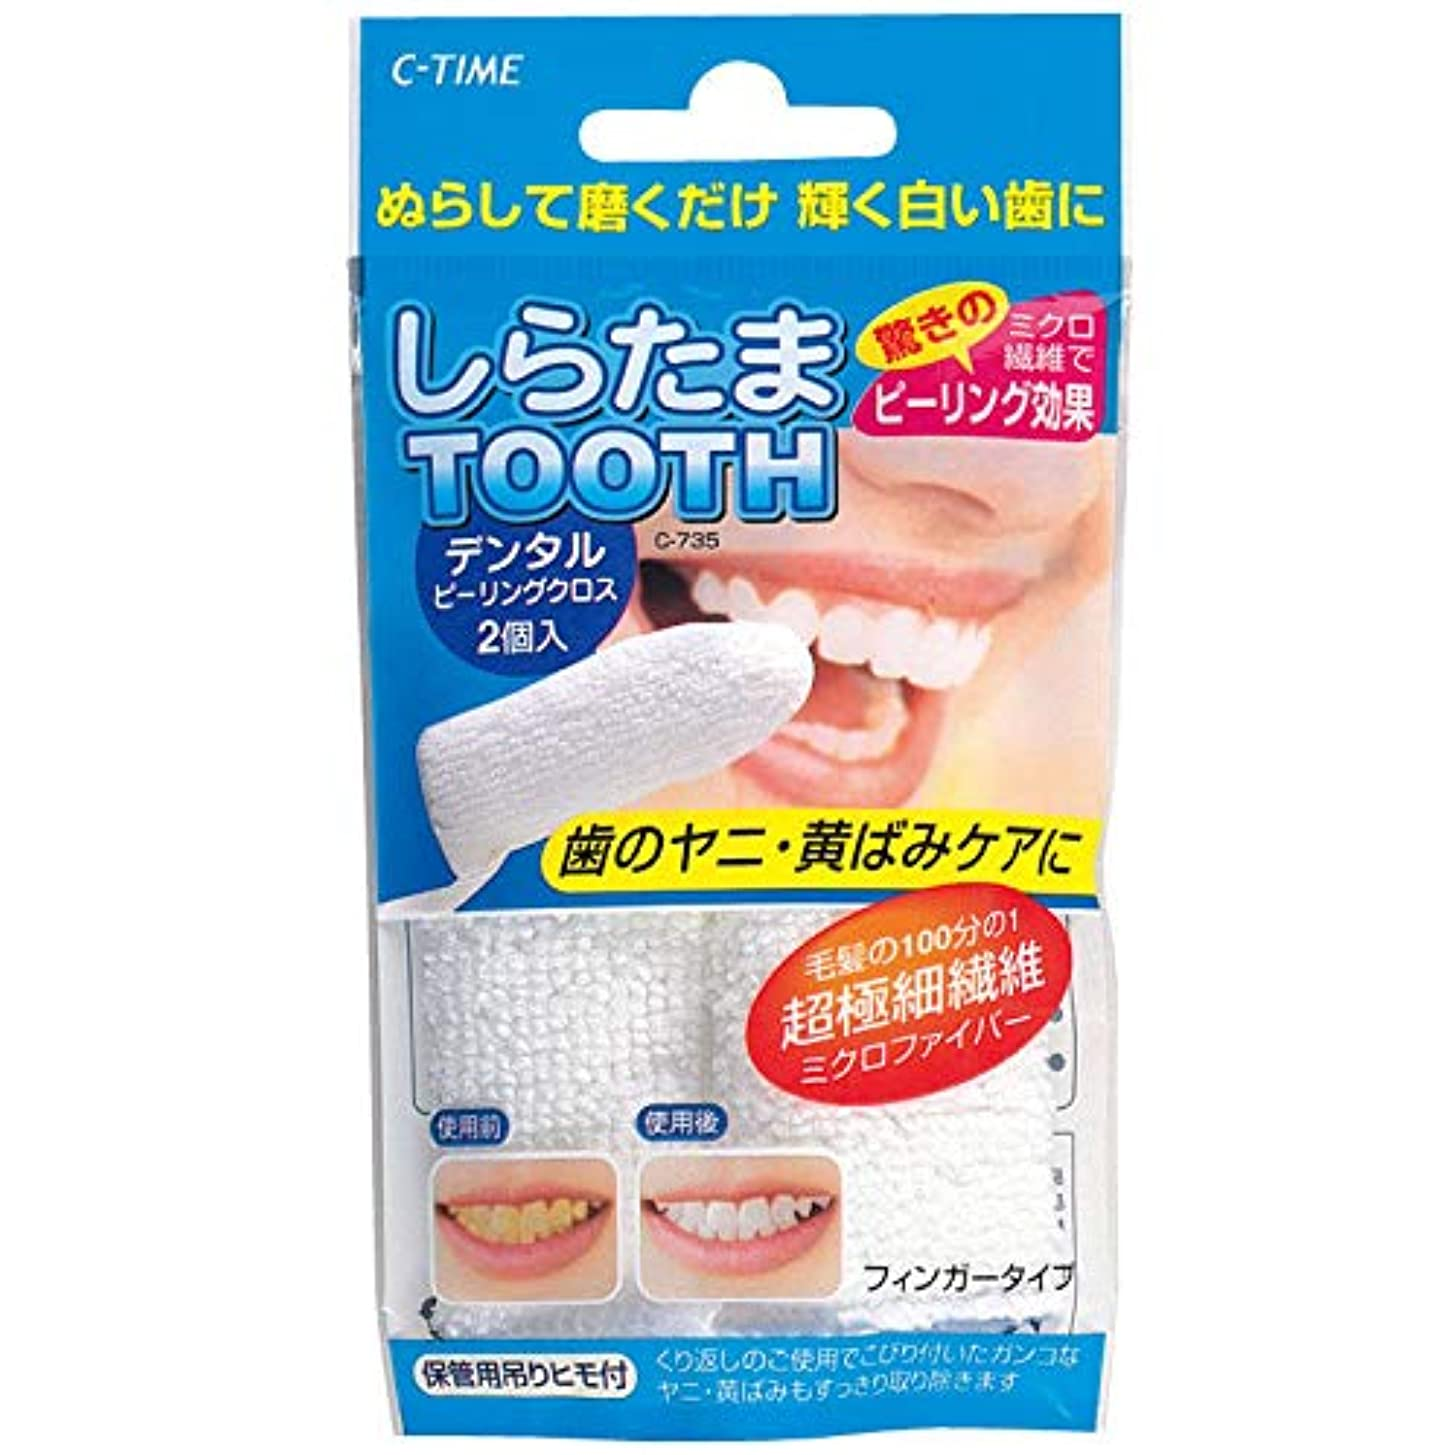 ボット歯機関小久保(Kokubo) しらたまTOOTH 2個入【まとめ買い12個セット】 C-735